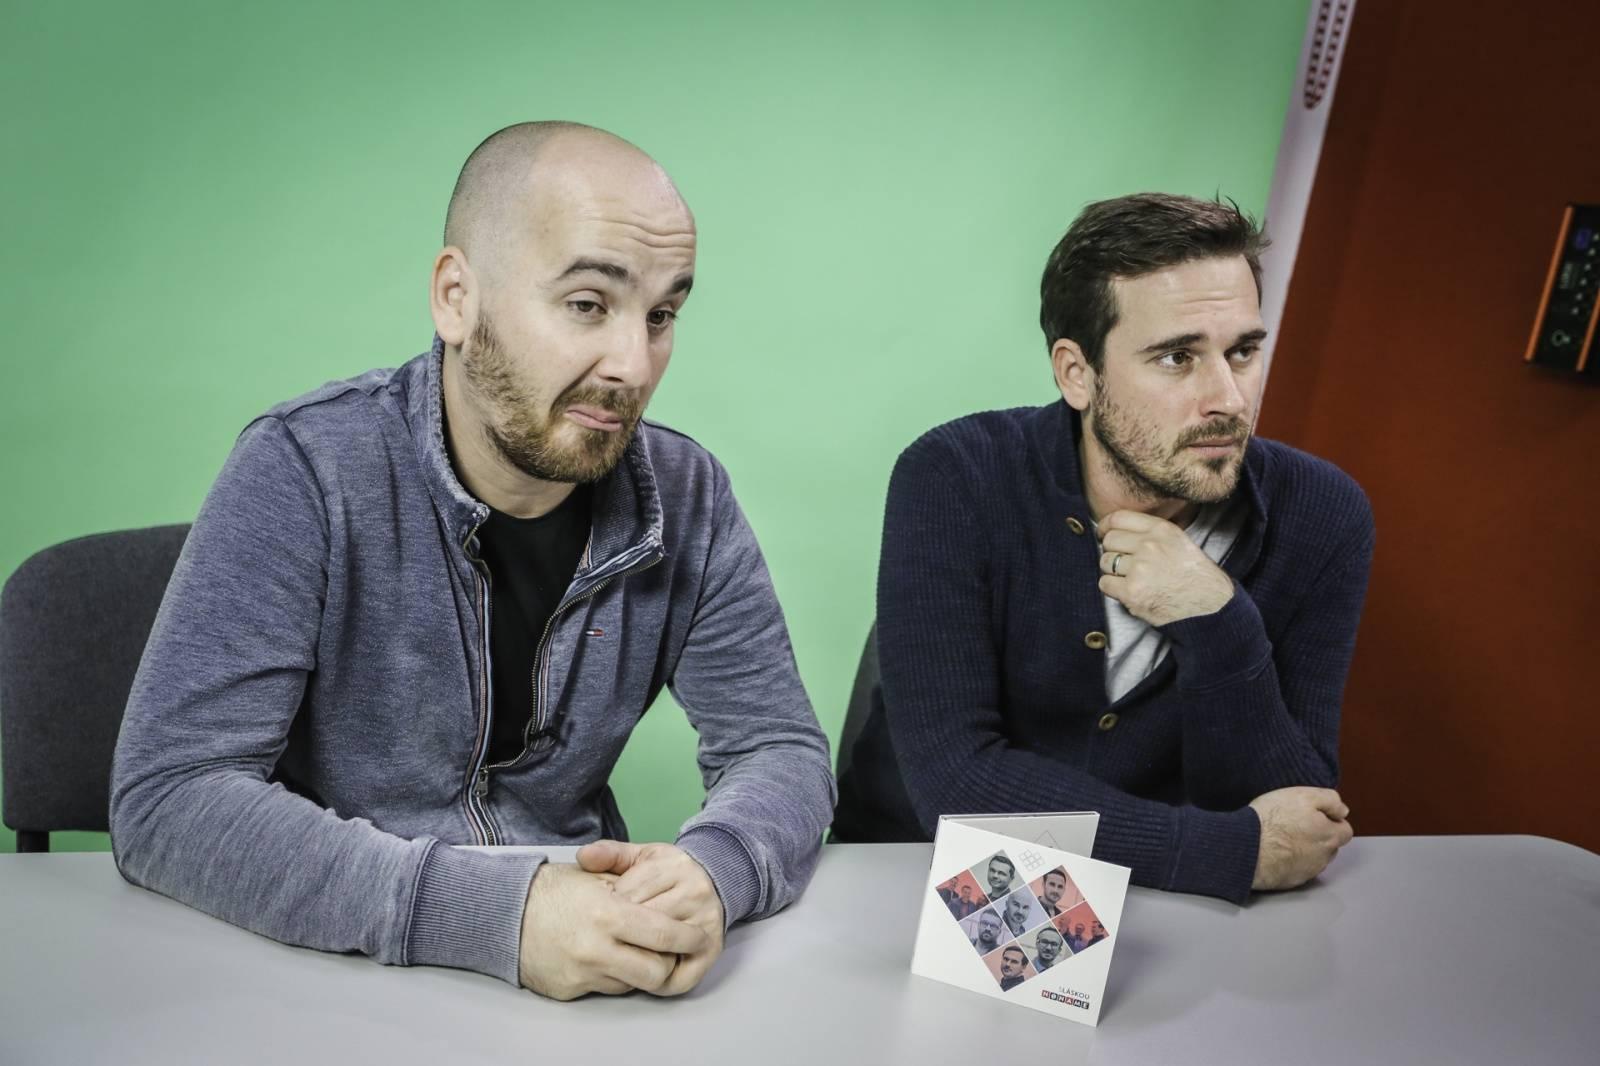 Igor Timko (No Name) interview: Všechno negativní vypouštím z hlavy